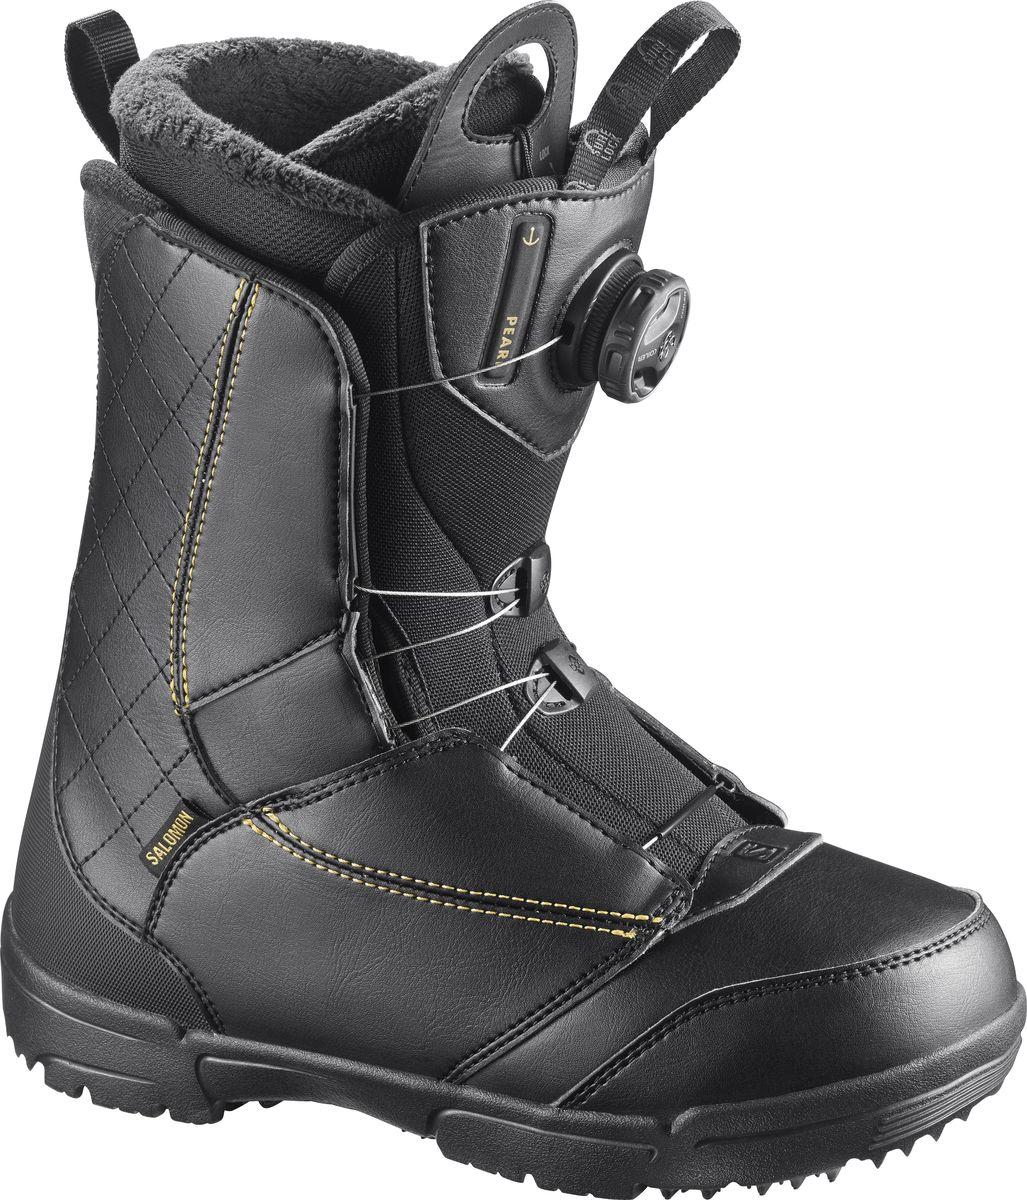 Ботинки для сноуборда Salomon Pearl Boa, цвет: черный, золотистый. Размер 26 (39,5)L39868900Женские сноубордические ботинки Salomon Pearl BOA предназначены для начинающих спортсменов. Простые, быстрые, женственные, ботинки отличаются потрясающим утеплением, посадкой и долговечностью. Небольшая жесткость позволяет начинающим сноубордисткам совершенствовать свою технику катания с комфортом, а шнуровка BOA не отнимет много времени и позволит подогнать ботинок по ноге, не снимая перчаток.